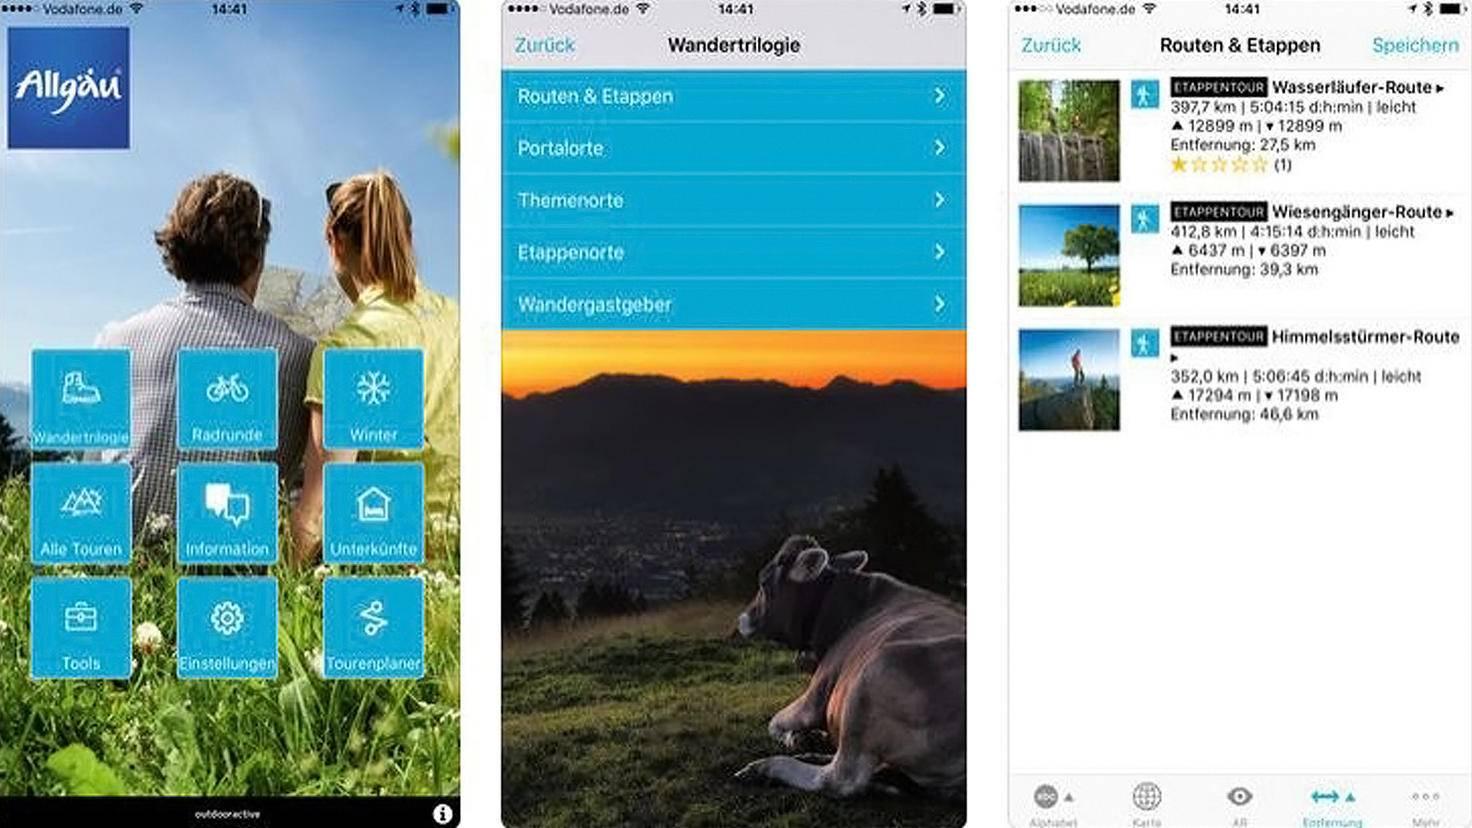 Allgäu App-iTunes Outdooractive GmbH und Co KG